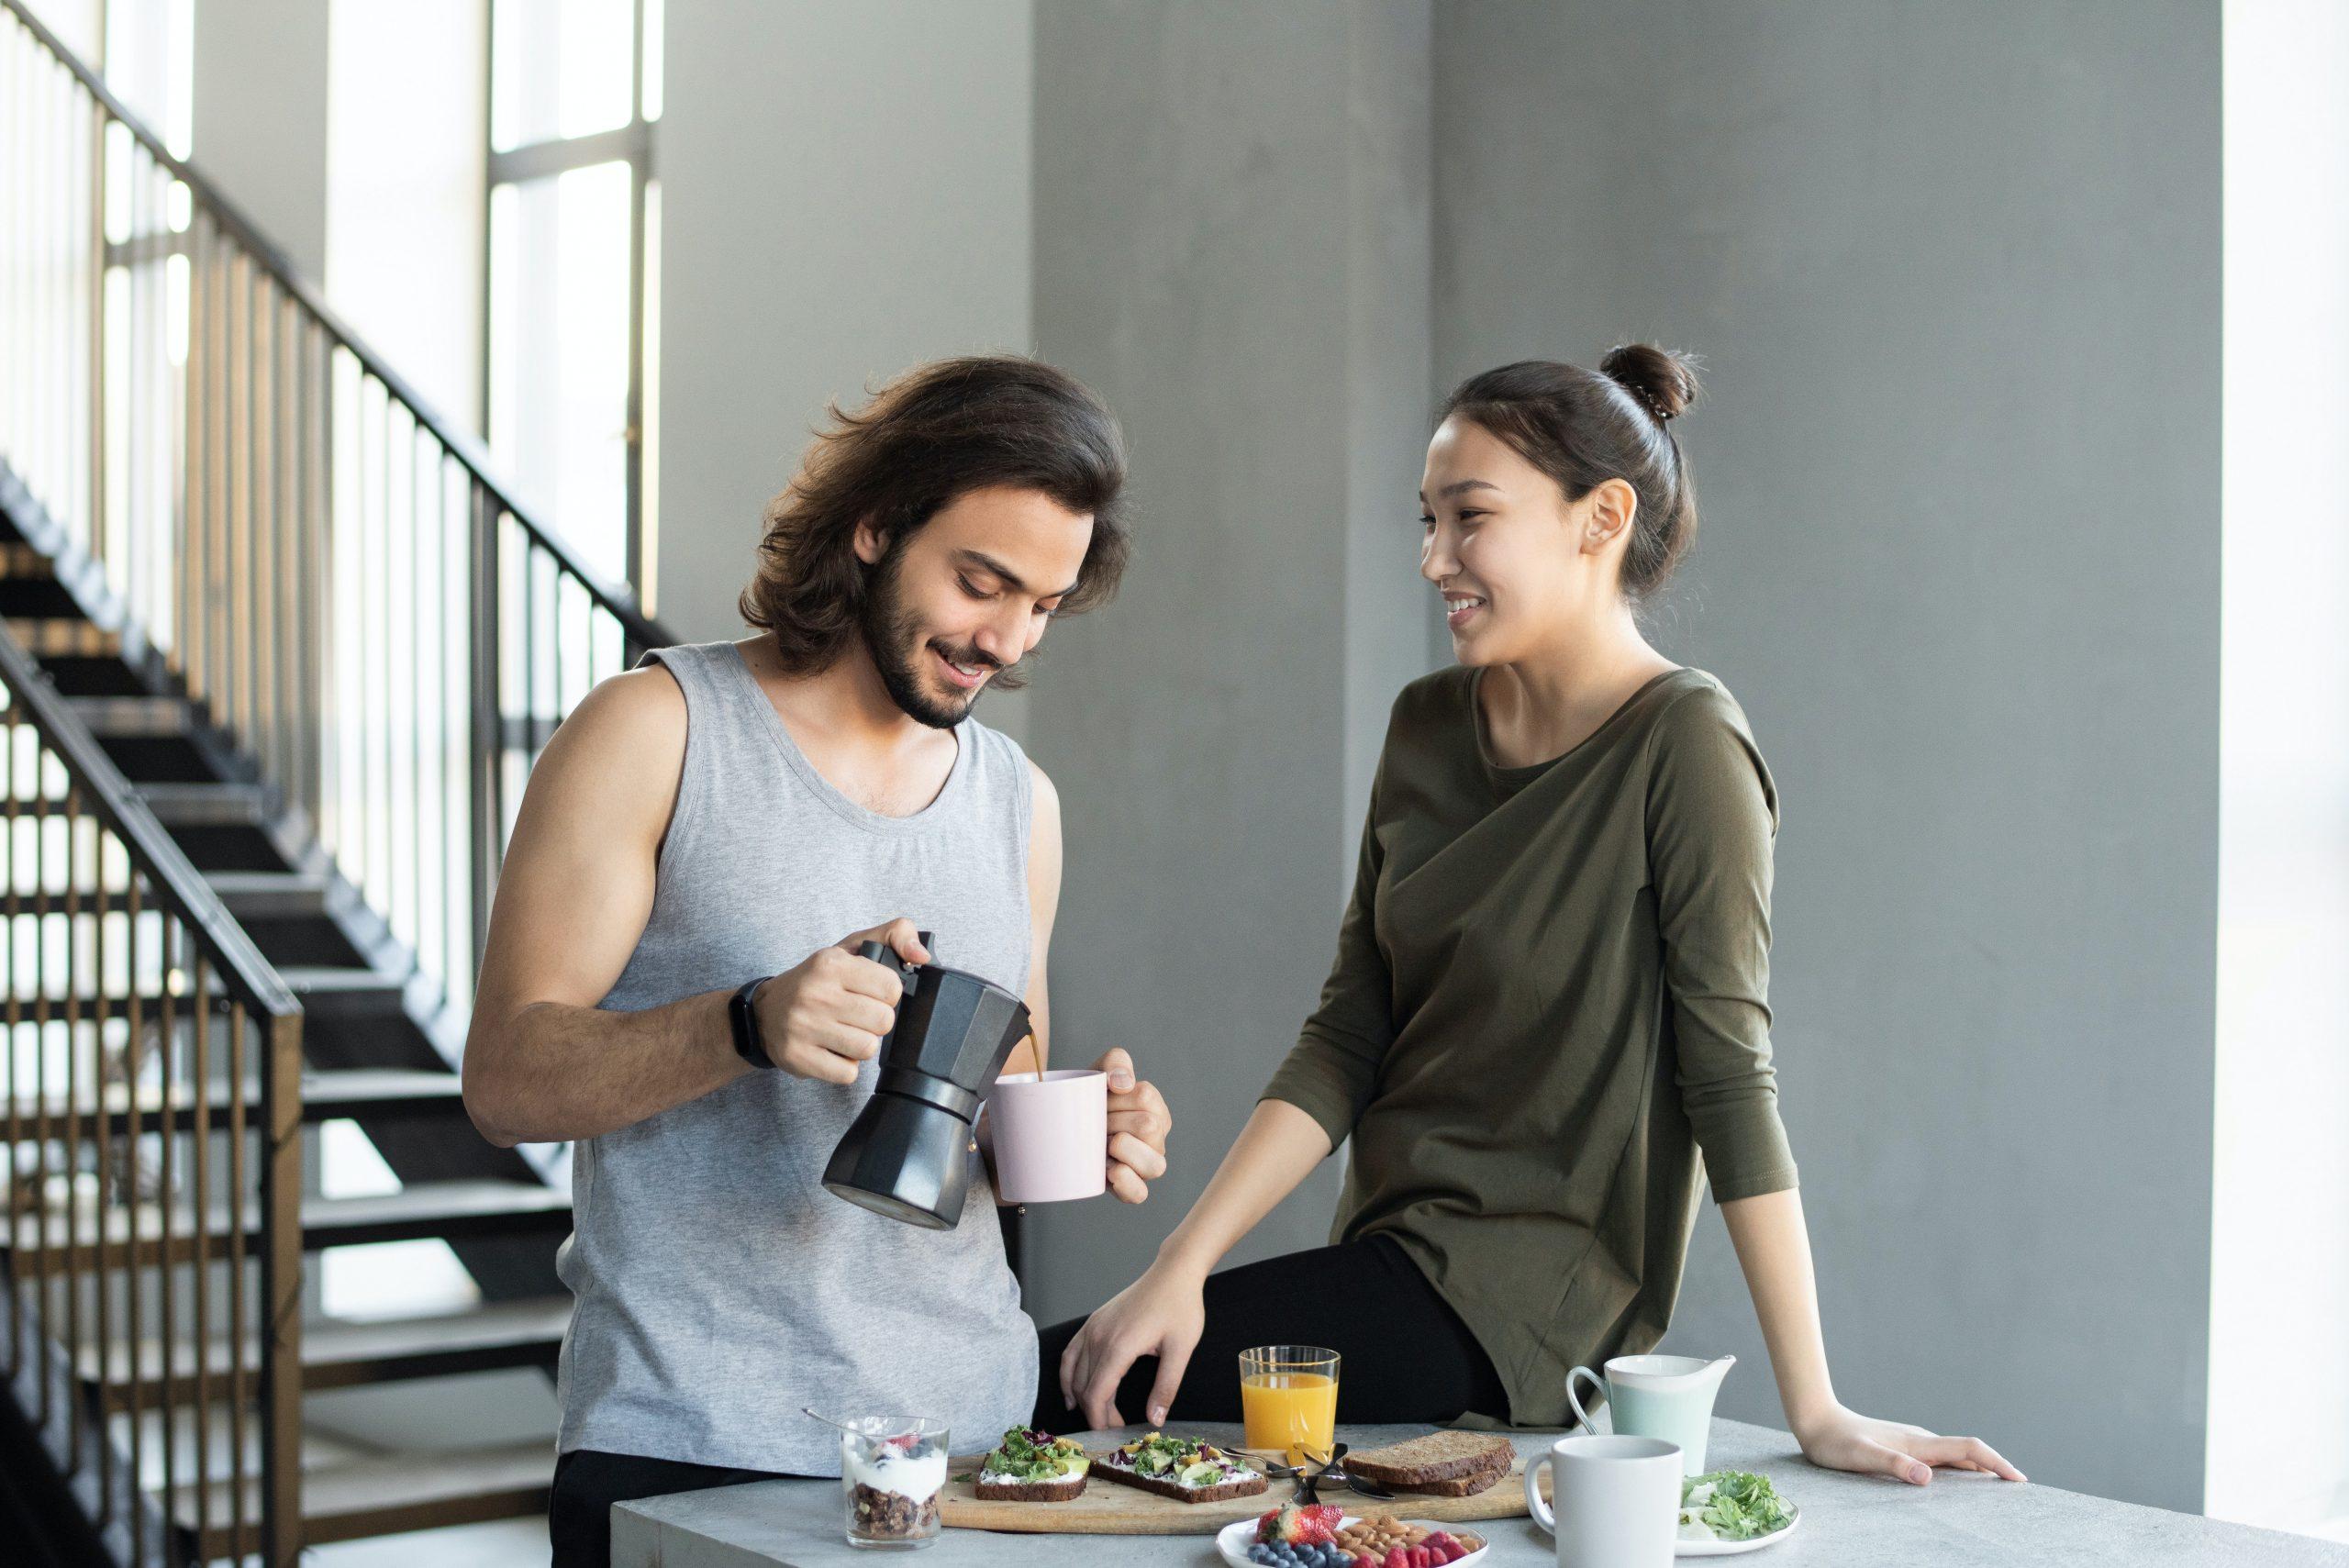 Imagem de um casal tomando café.